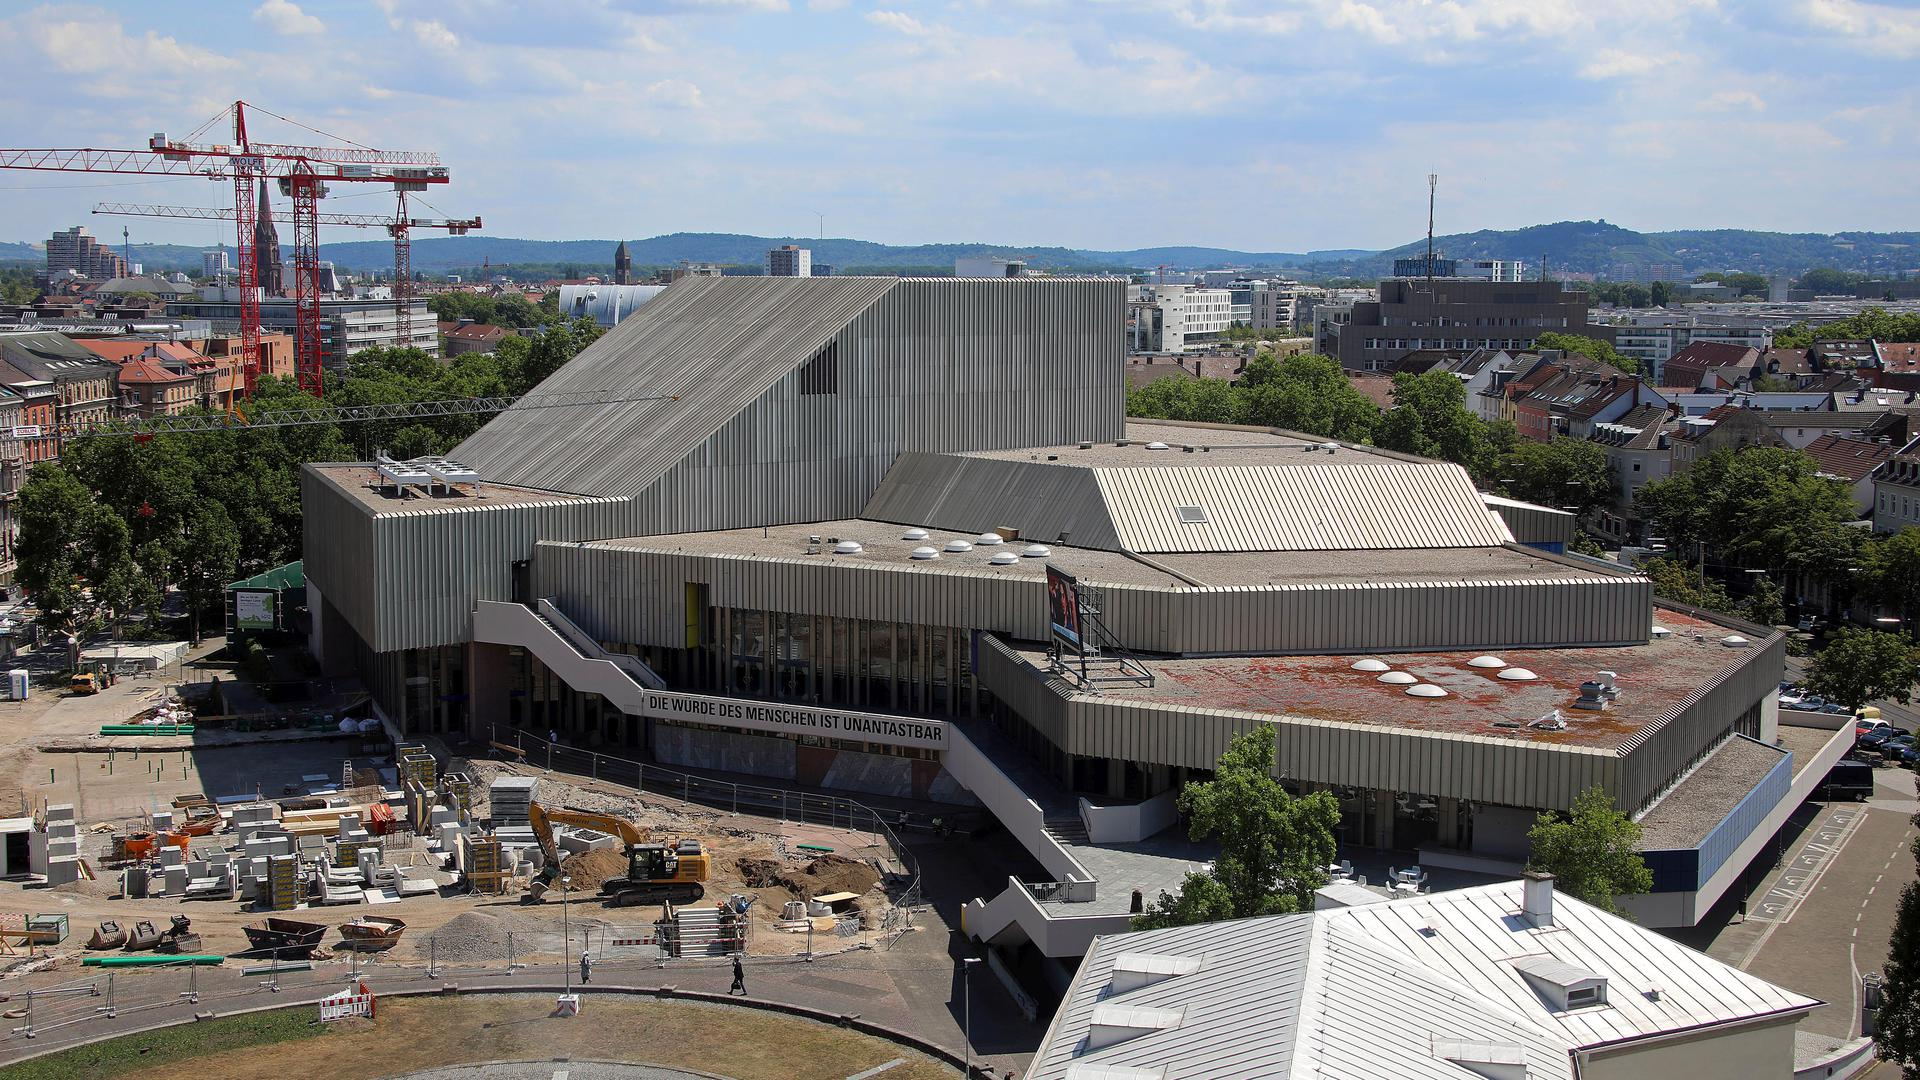 Ein Haus mit vielen offenen Baustellen: Am Badischen Staatstheater wurde zuletzt massive Kritik an der Amtsführung von Generalintendant Peter Spuhler geübt. Diese Vorgänge werden auch in der Kommunalpolitik diskutiert.